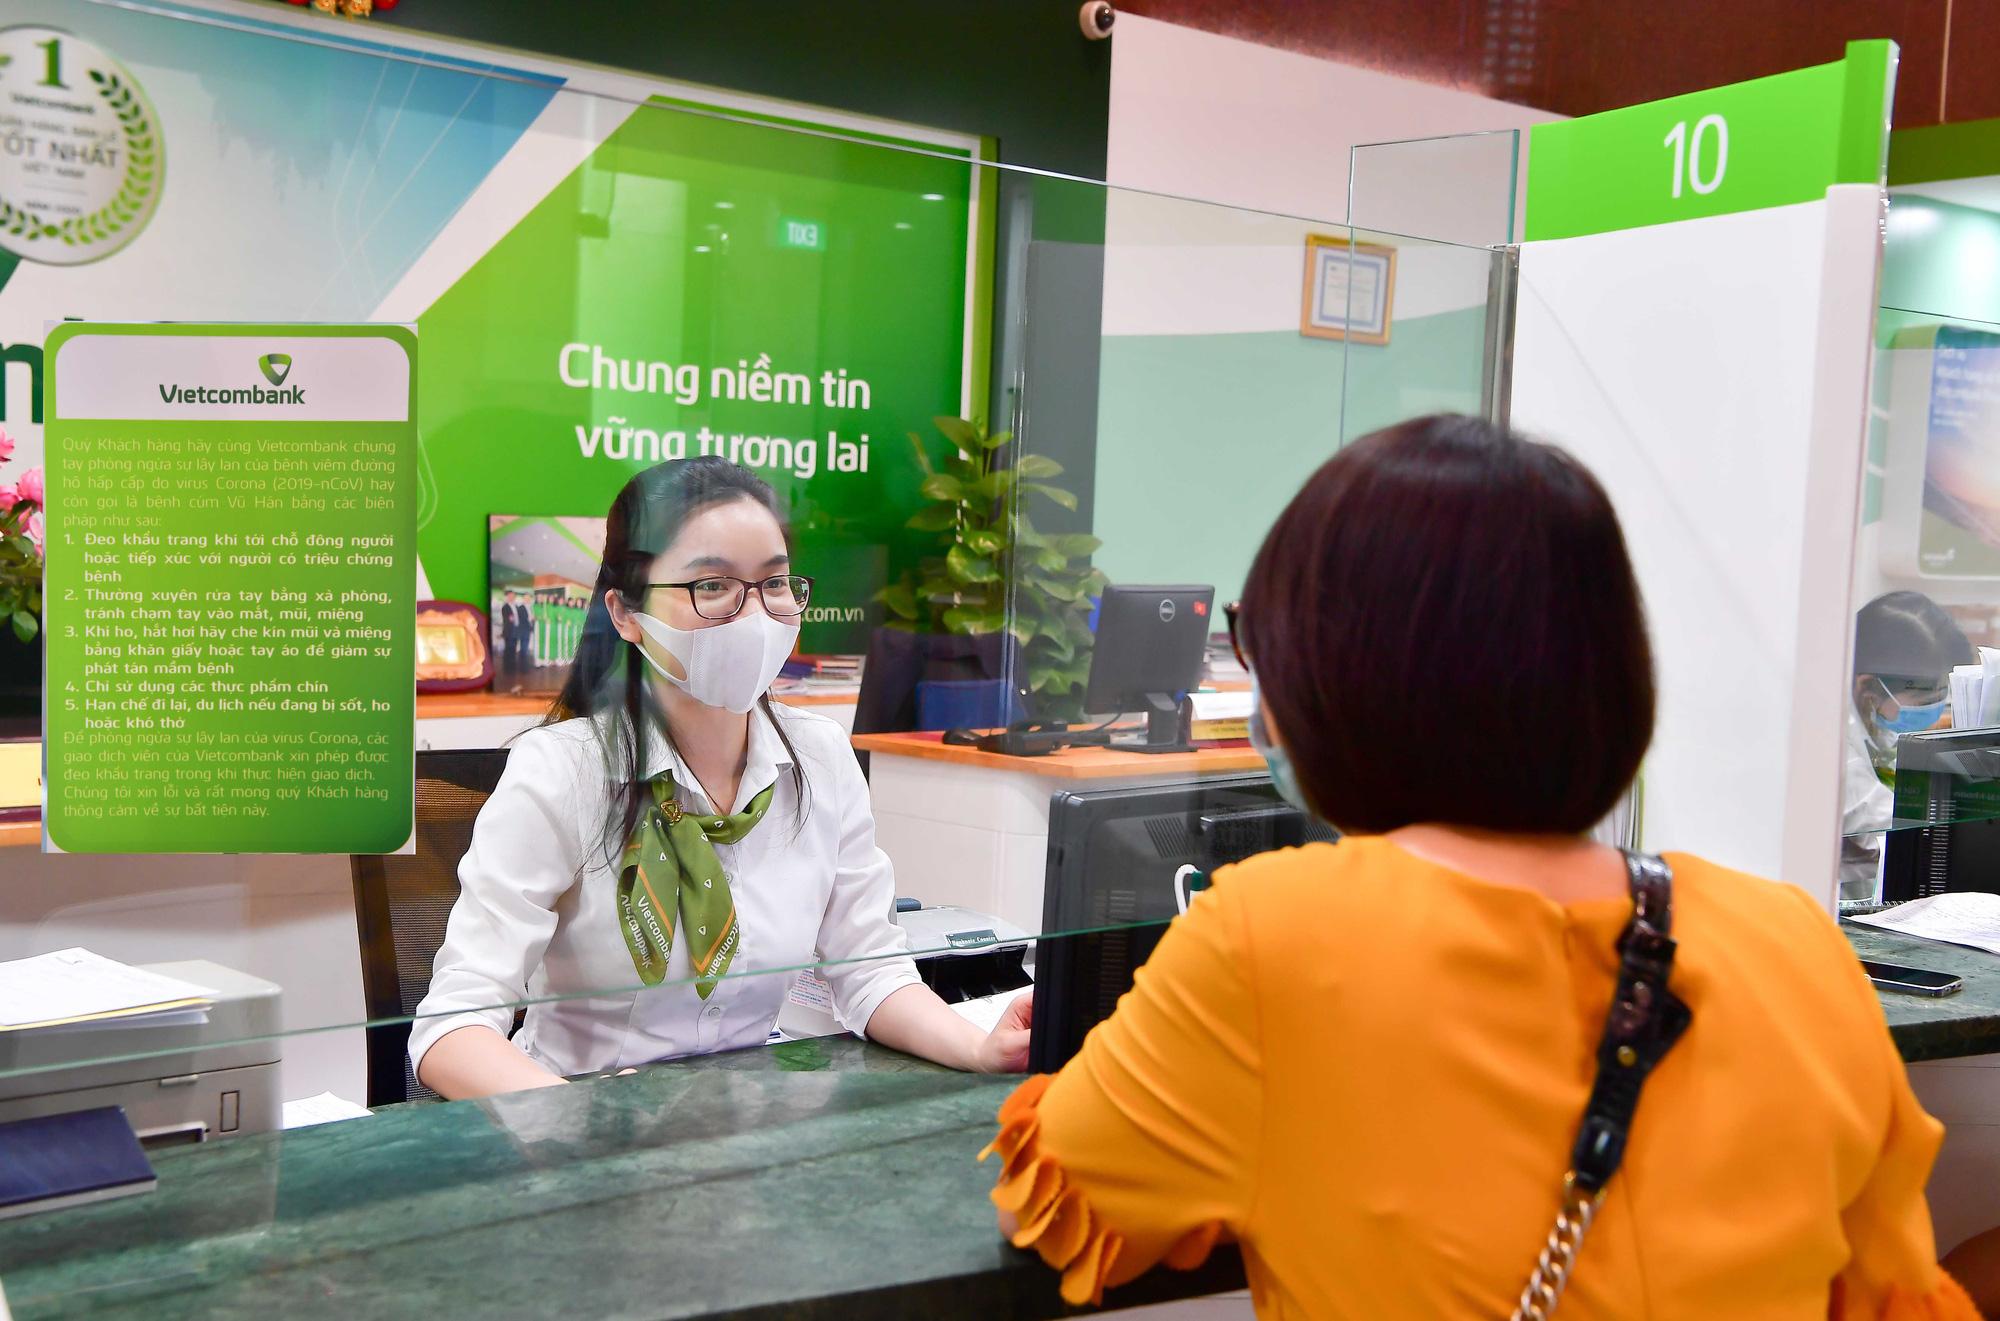 Thu dịch vụ tăng mạnh, Vietcombank lãi sau thuế hơn 10.000 tỷ và nợ xấu lộ diện - Ảnh 1.